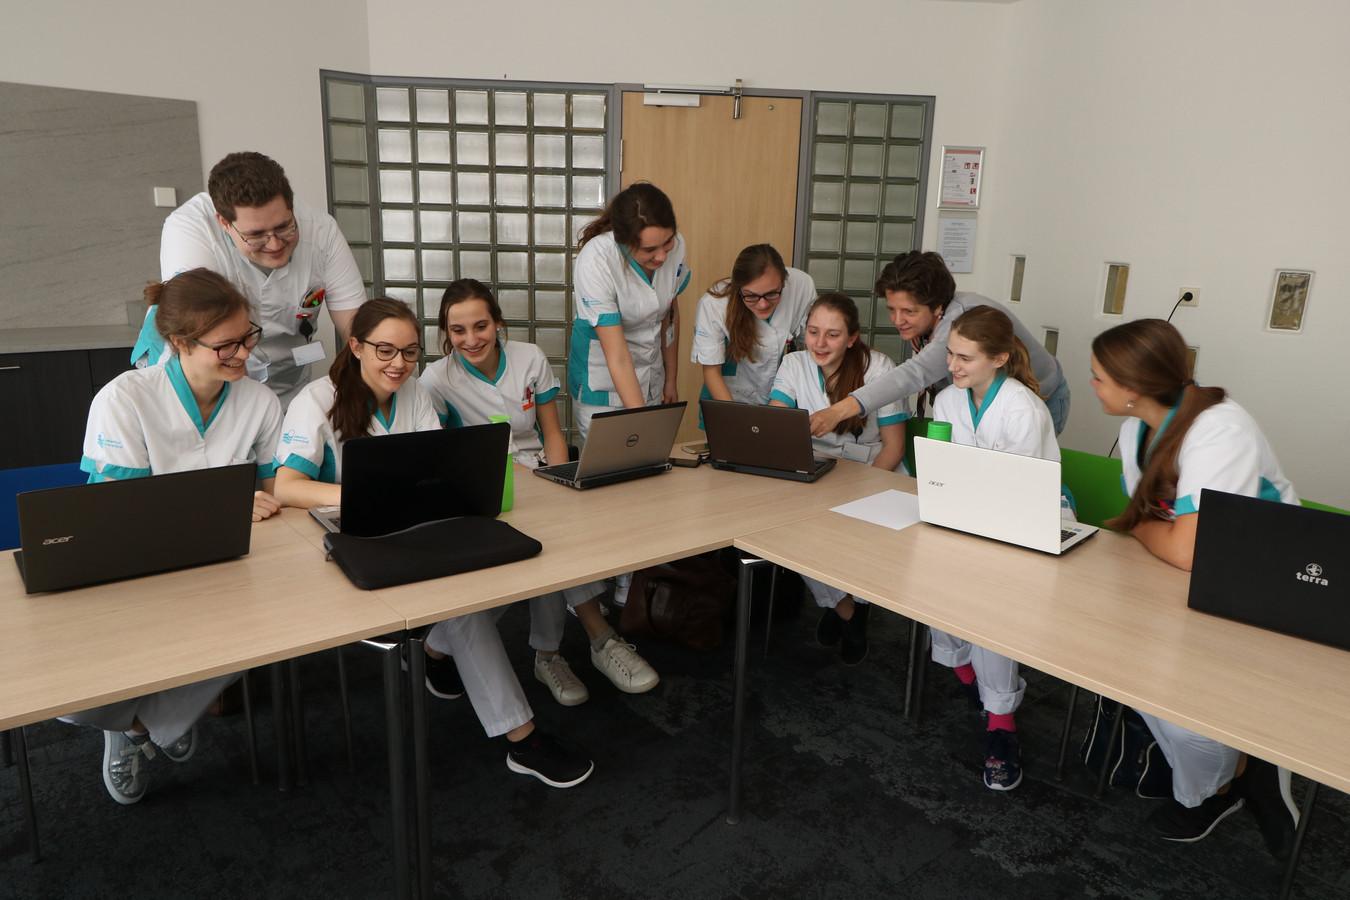 In Ziekenhuis Rivierenland Tiel is nu al een leerteam met HBO-ers actief tijdens een stage. Ook zijn er werknemers die een HBO-opleiding doen. Vanaf september komen er voor het eerst echt studenten in Tiel.